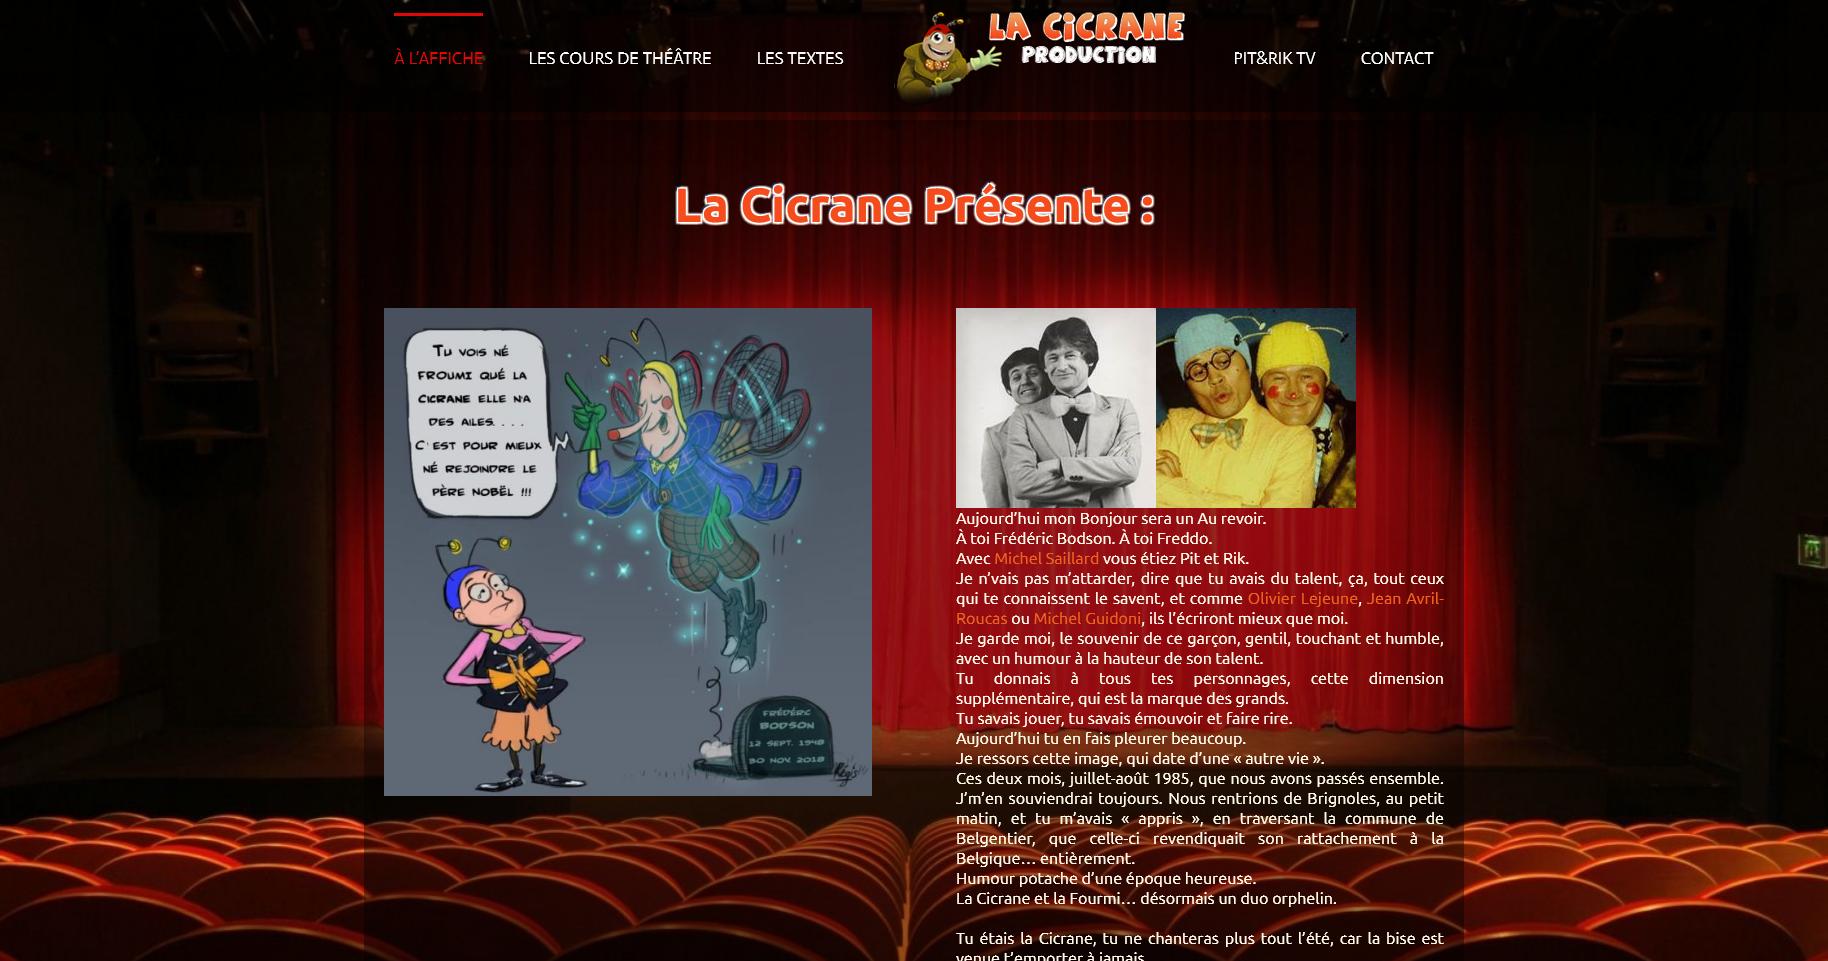 Cicrane-production.com